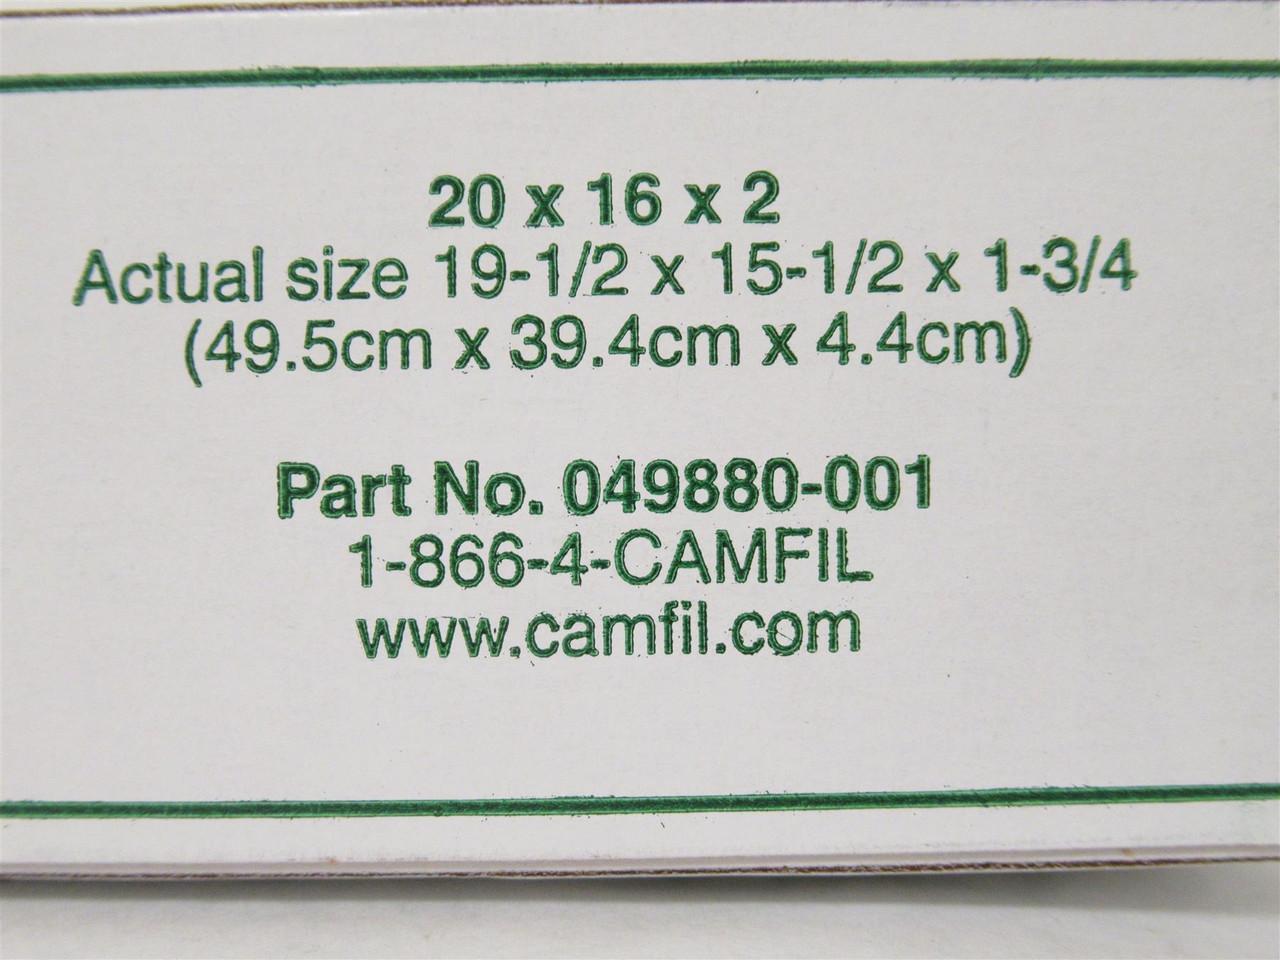 Farr 049880-001, Lot-5 Camfil 30/30 Filter, 20 X 16 X 2